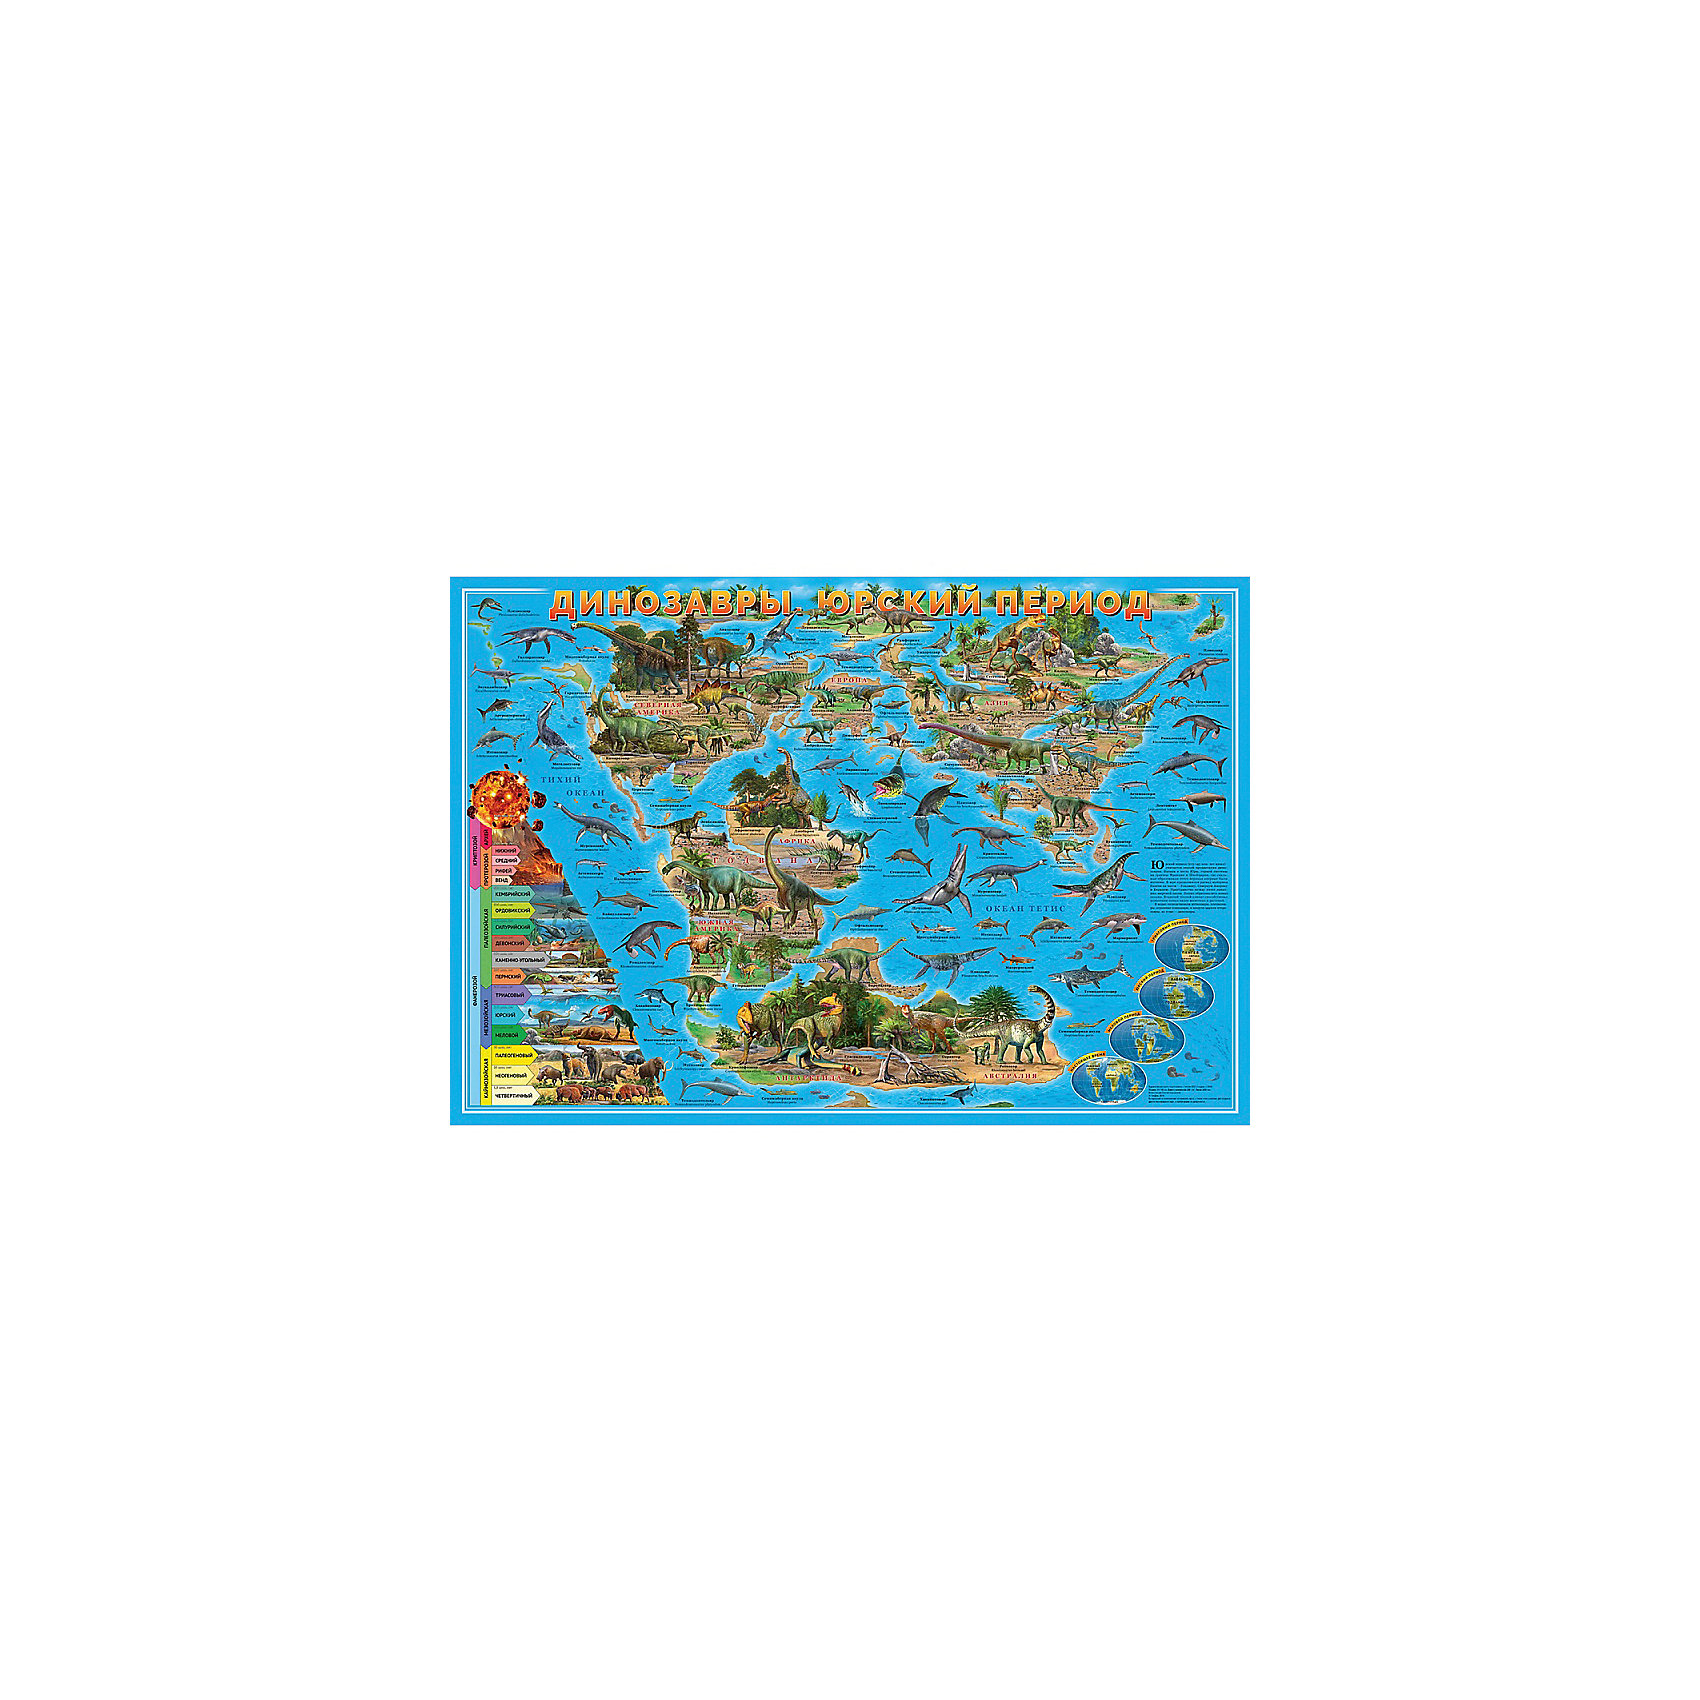 Настенная карта Динозавры: Юрский период 101*69 см, ламинированнаяПлакаты и карты<br>Задумывались ли вы о том, как располагались материки на нашей планете в древние времена? Какие обитатели населяли их? Карта «Динозавры. Юрский период» наглядно иллюстрирует положение материков и представляет обитателей Земли во времена Юрского периода. Огромные и устрашающие динозавры, птерозавры, ихтиозавры, плиозавры – царили на Земле. Кроме того, на карте представлена схема континентального дрейфа и временная шкала истории Земли.<br><br>Ширина мм: 1010<br>Глубина мм: 690<br>Высота мм: 1<br>Вес г: 150<br>Возраст от месяцев: 36<br>Возраст до месяцев: 2147483647<br>Пол: Унисекс<br>Возраст: Детский<br>SKU: 5422995